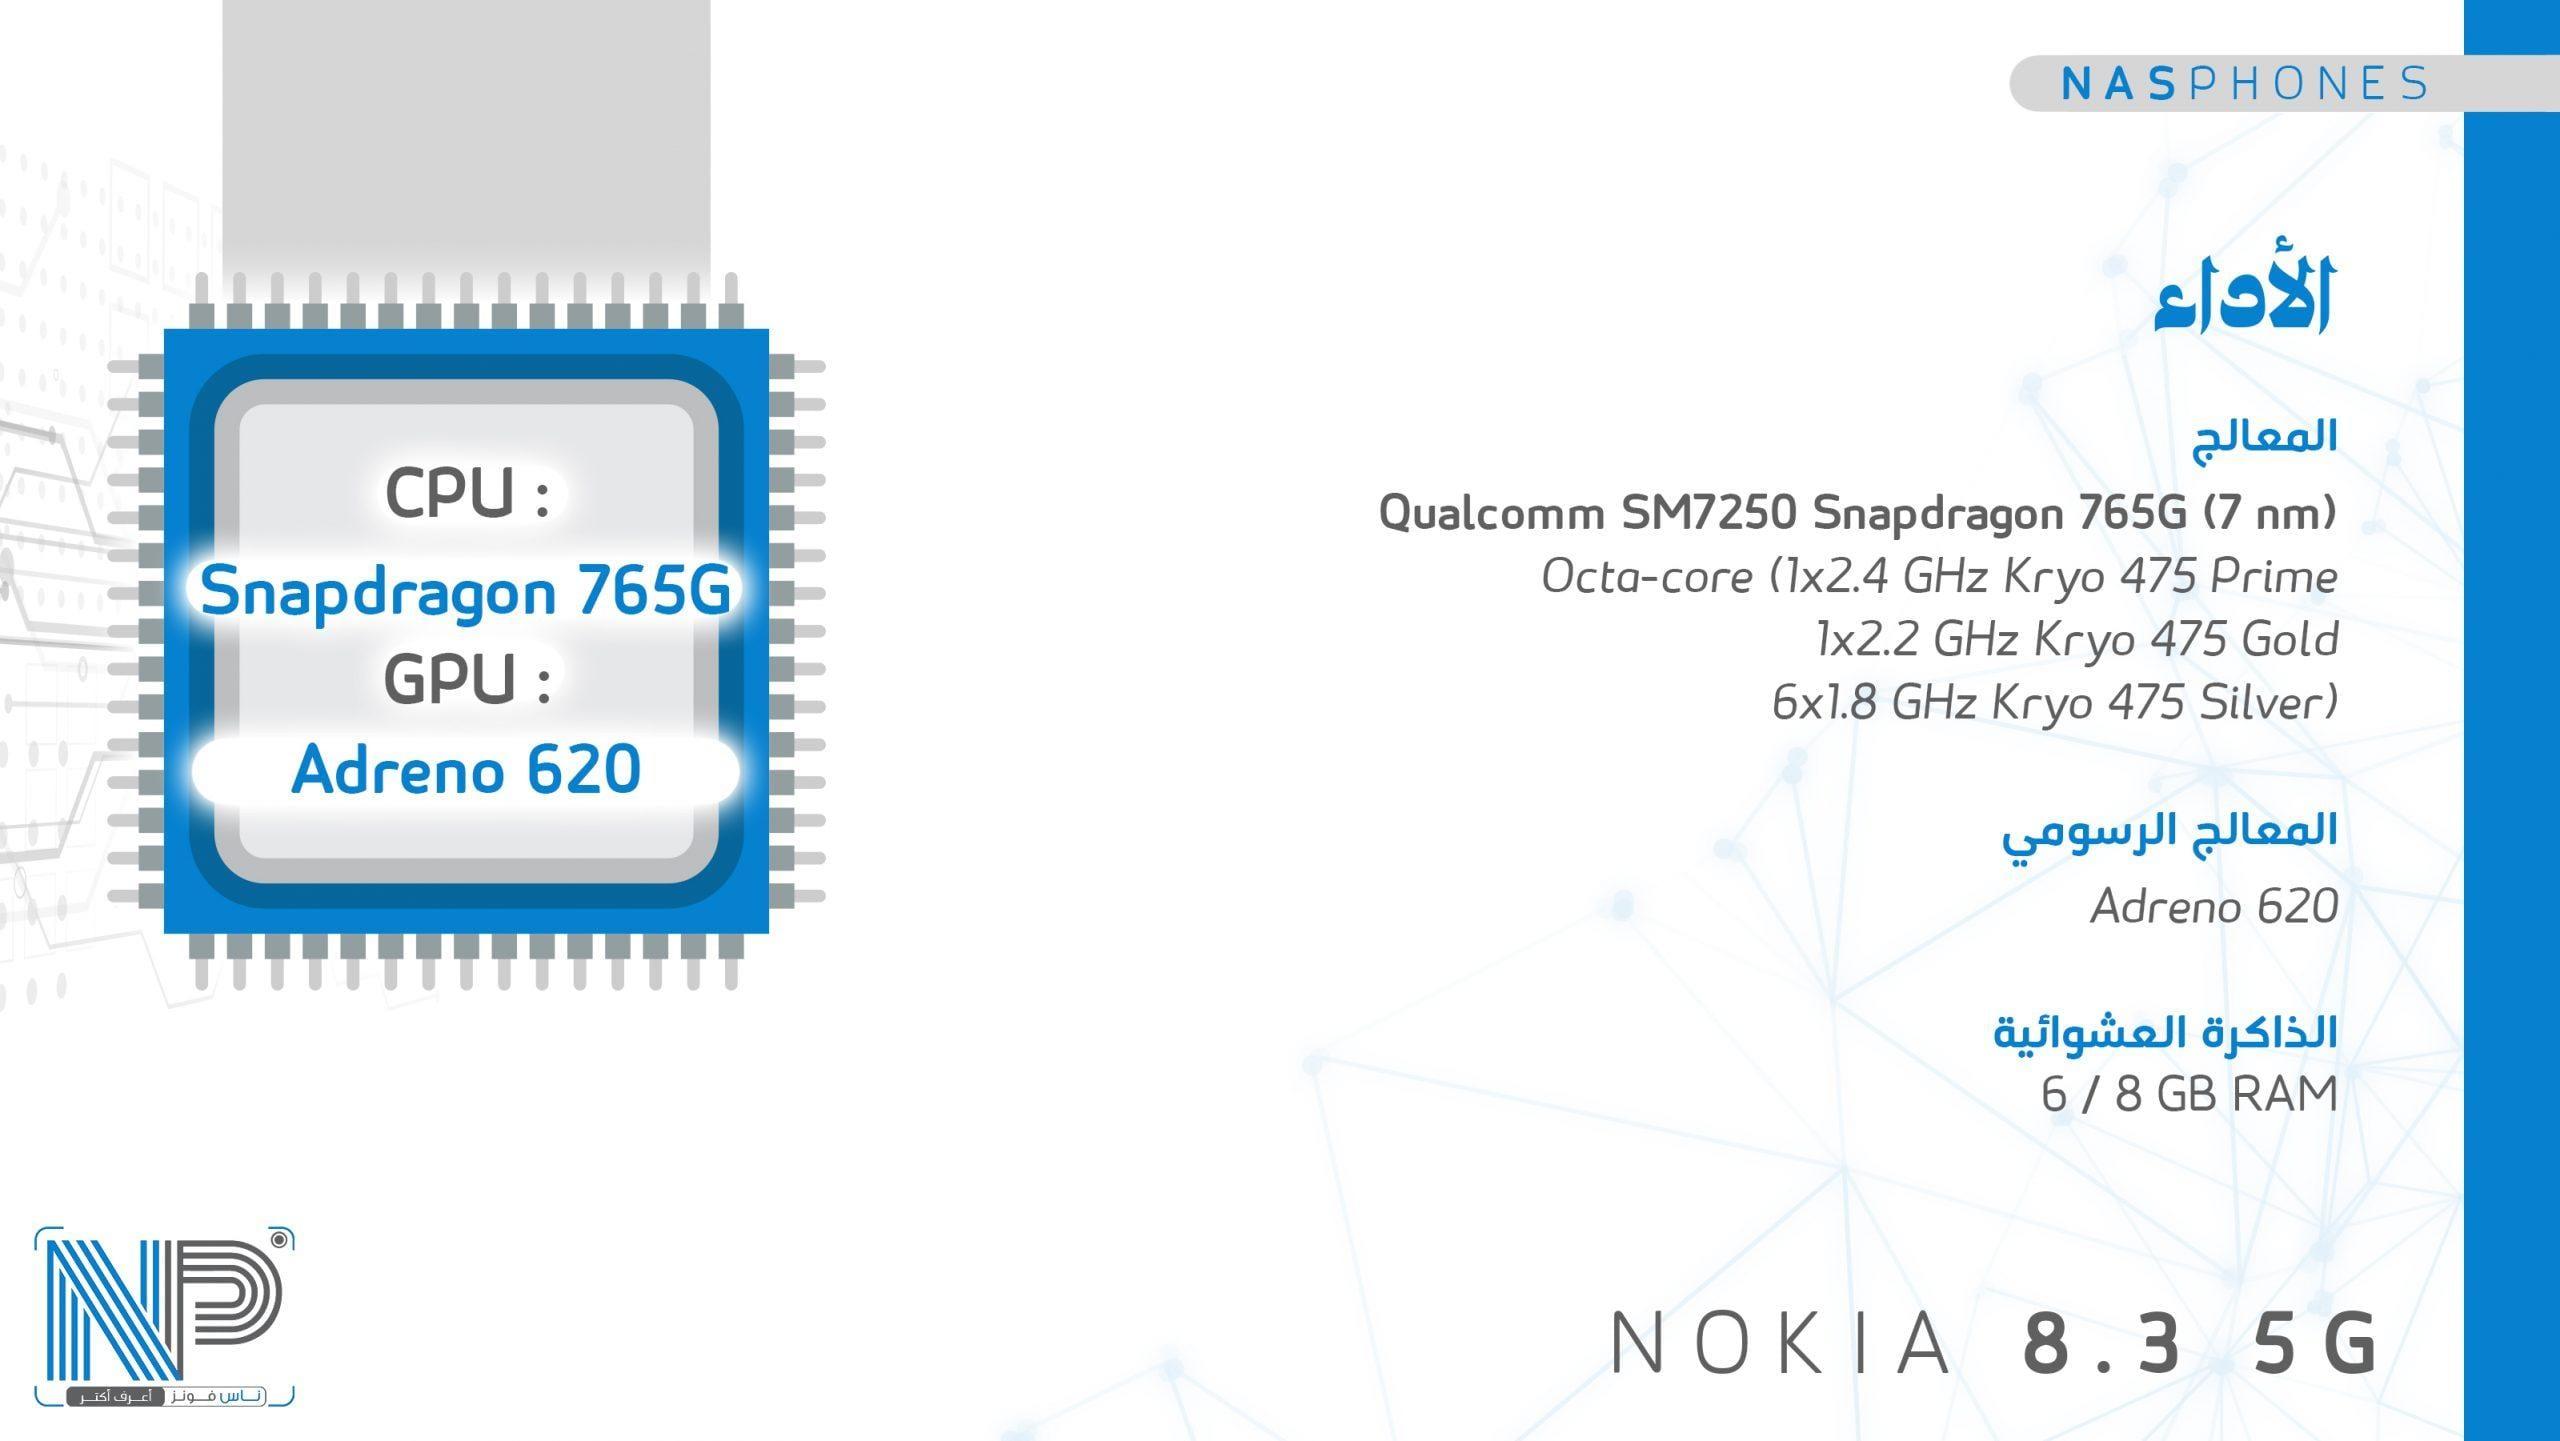 أداء موبايل Nokia 8.3 5G